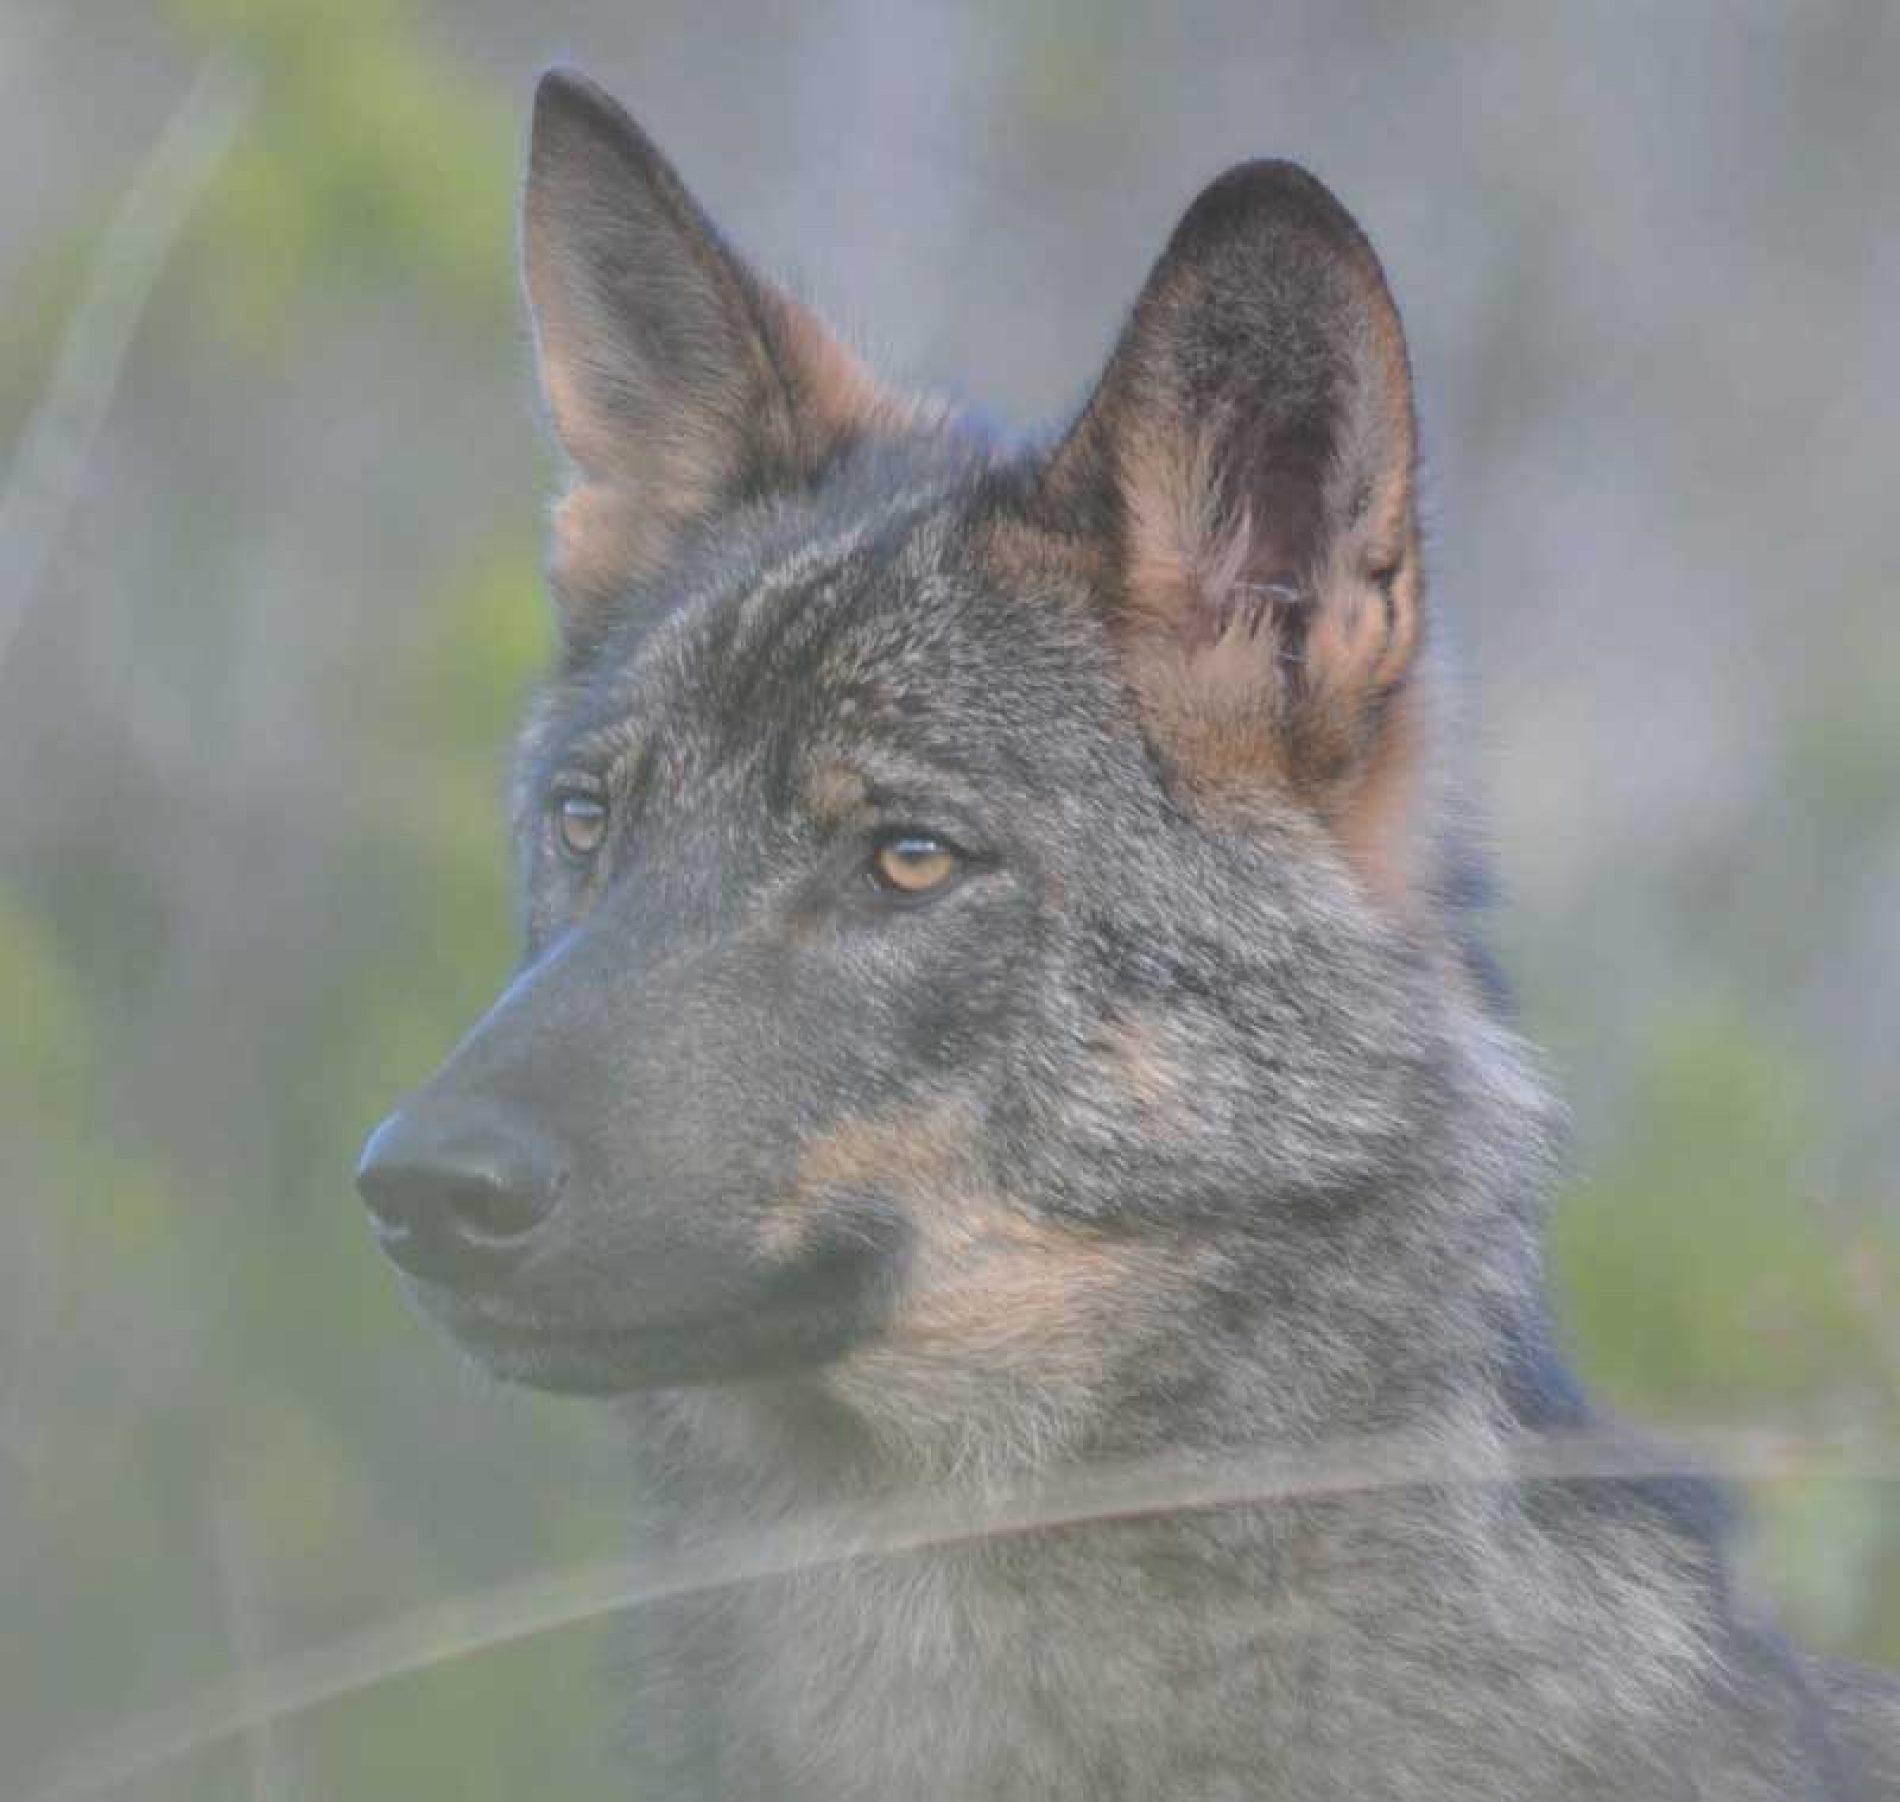 El negocio del Lobo: el sufrimiento de algunos, un lucro para otros